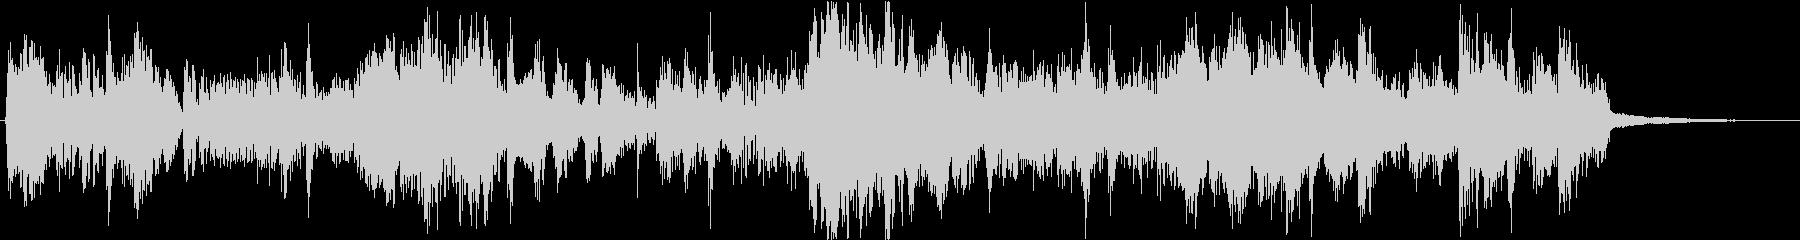 フルートメインなリズミカルな11秒楽曲の未再生の波形